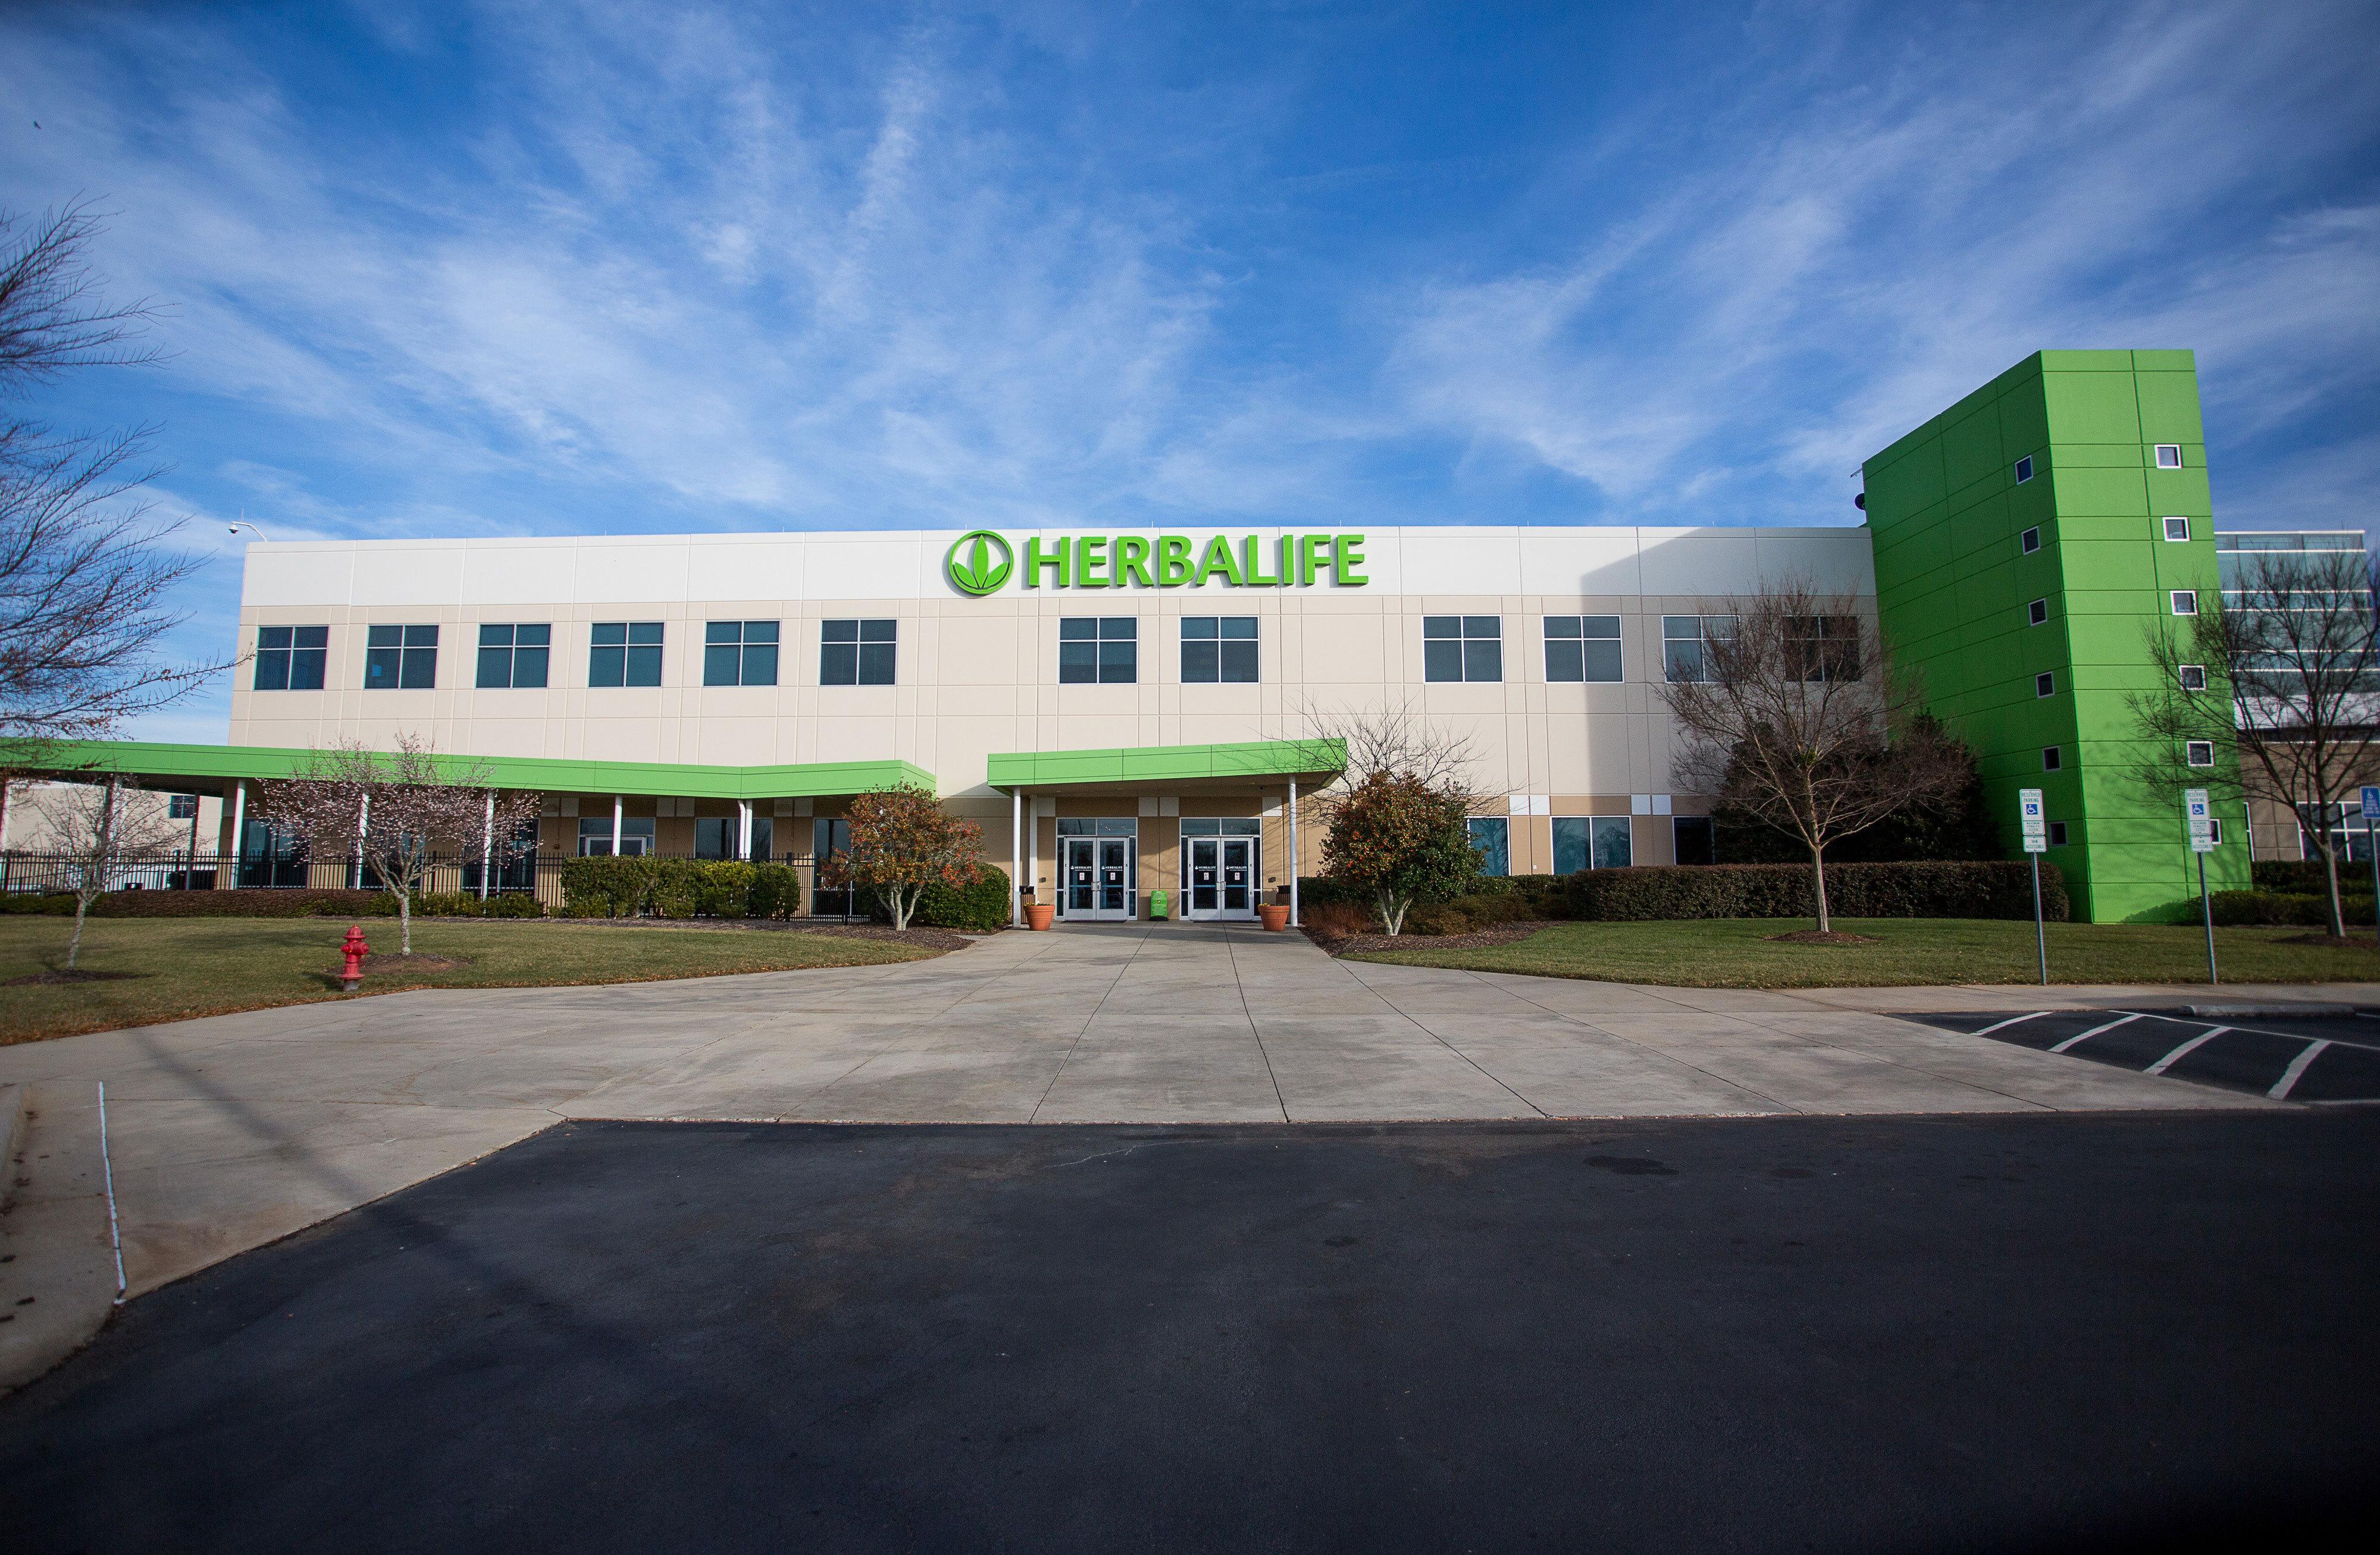 IMagen de la sede de Herbalife en Winston-Salem